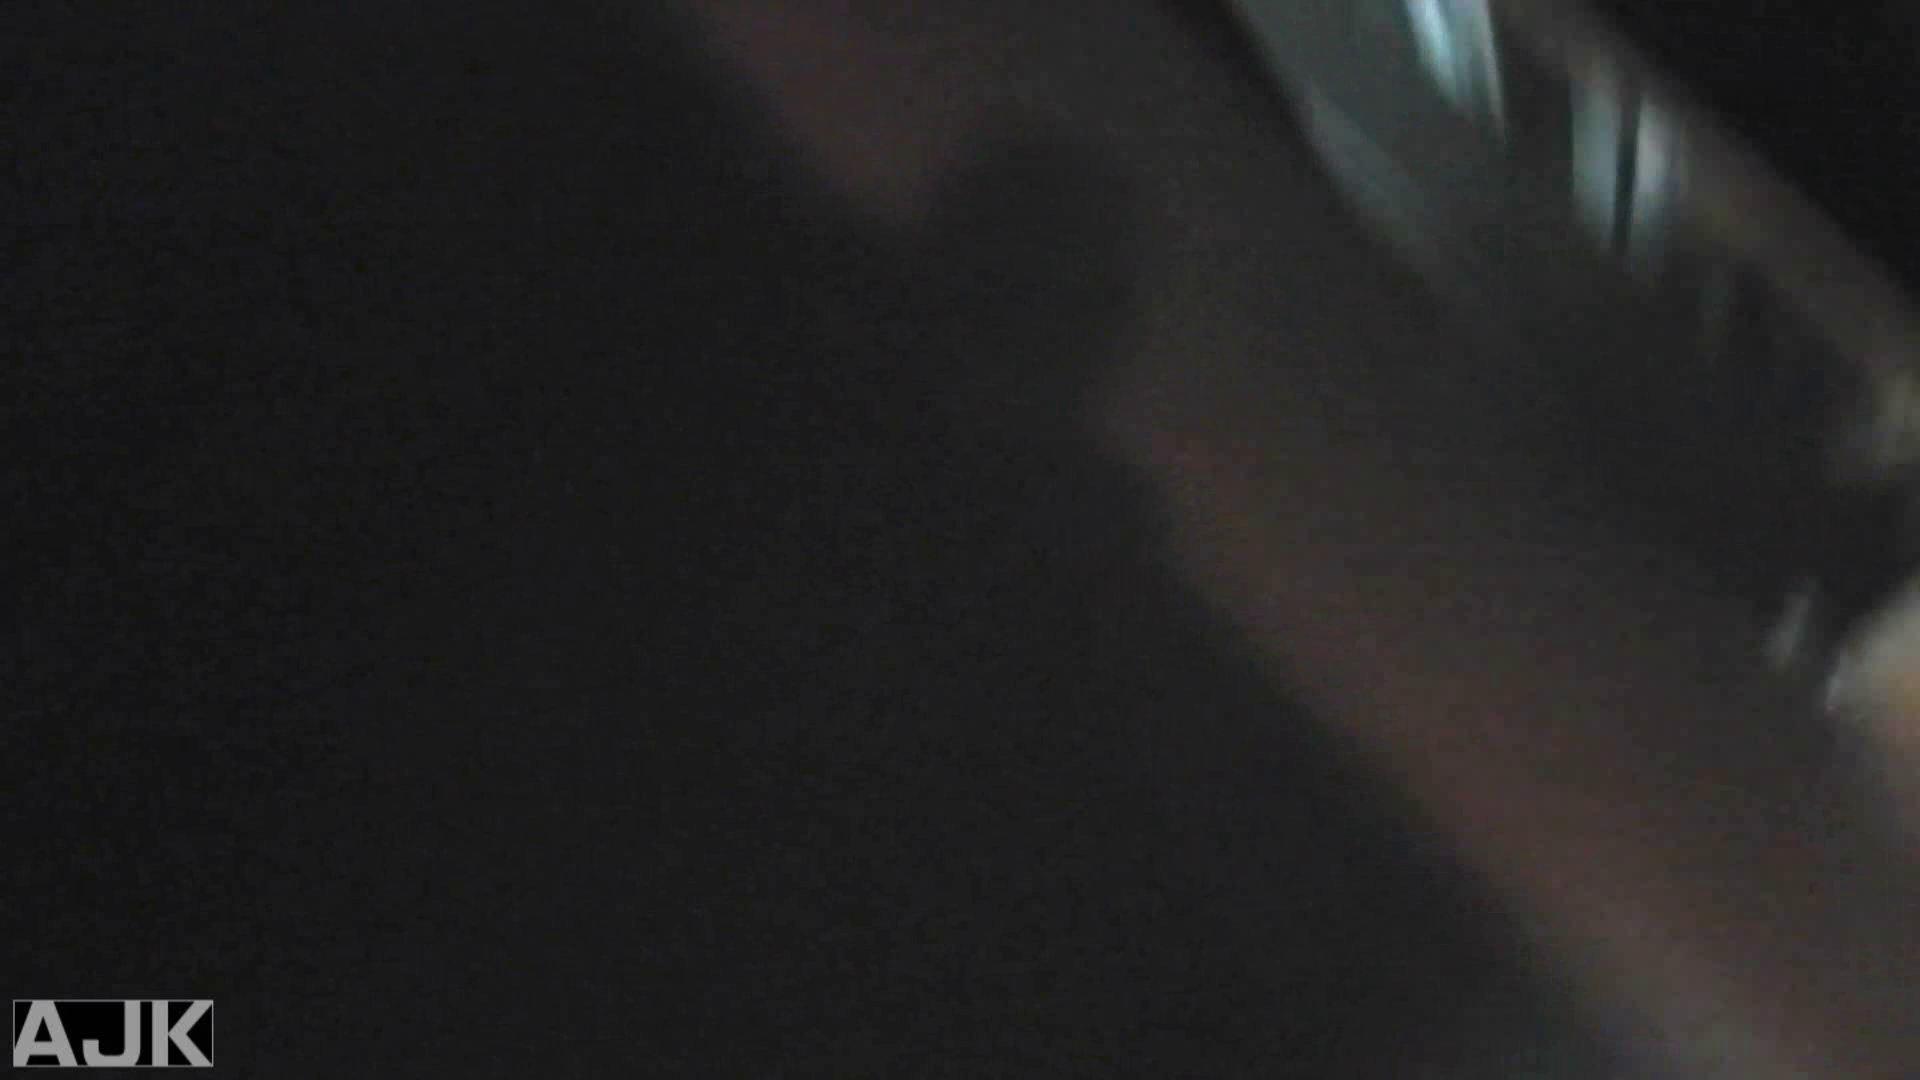 神降臨!史上最強の潜入かわや! vol.25 OLエロ画像  56PICs 56